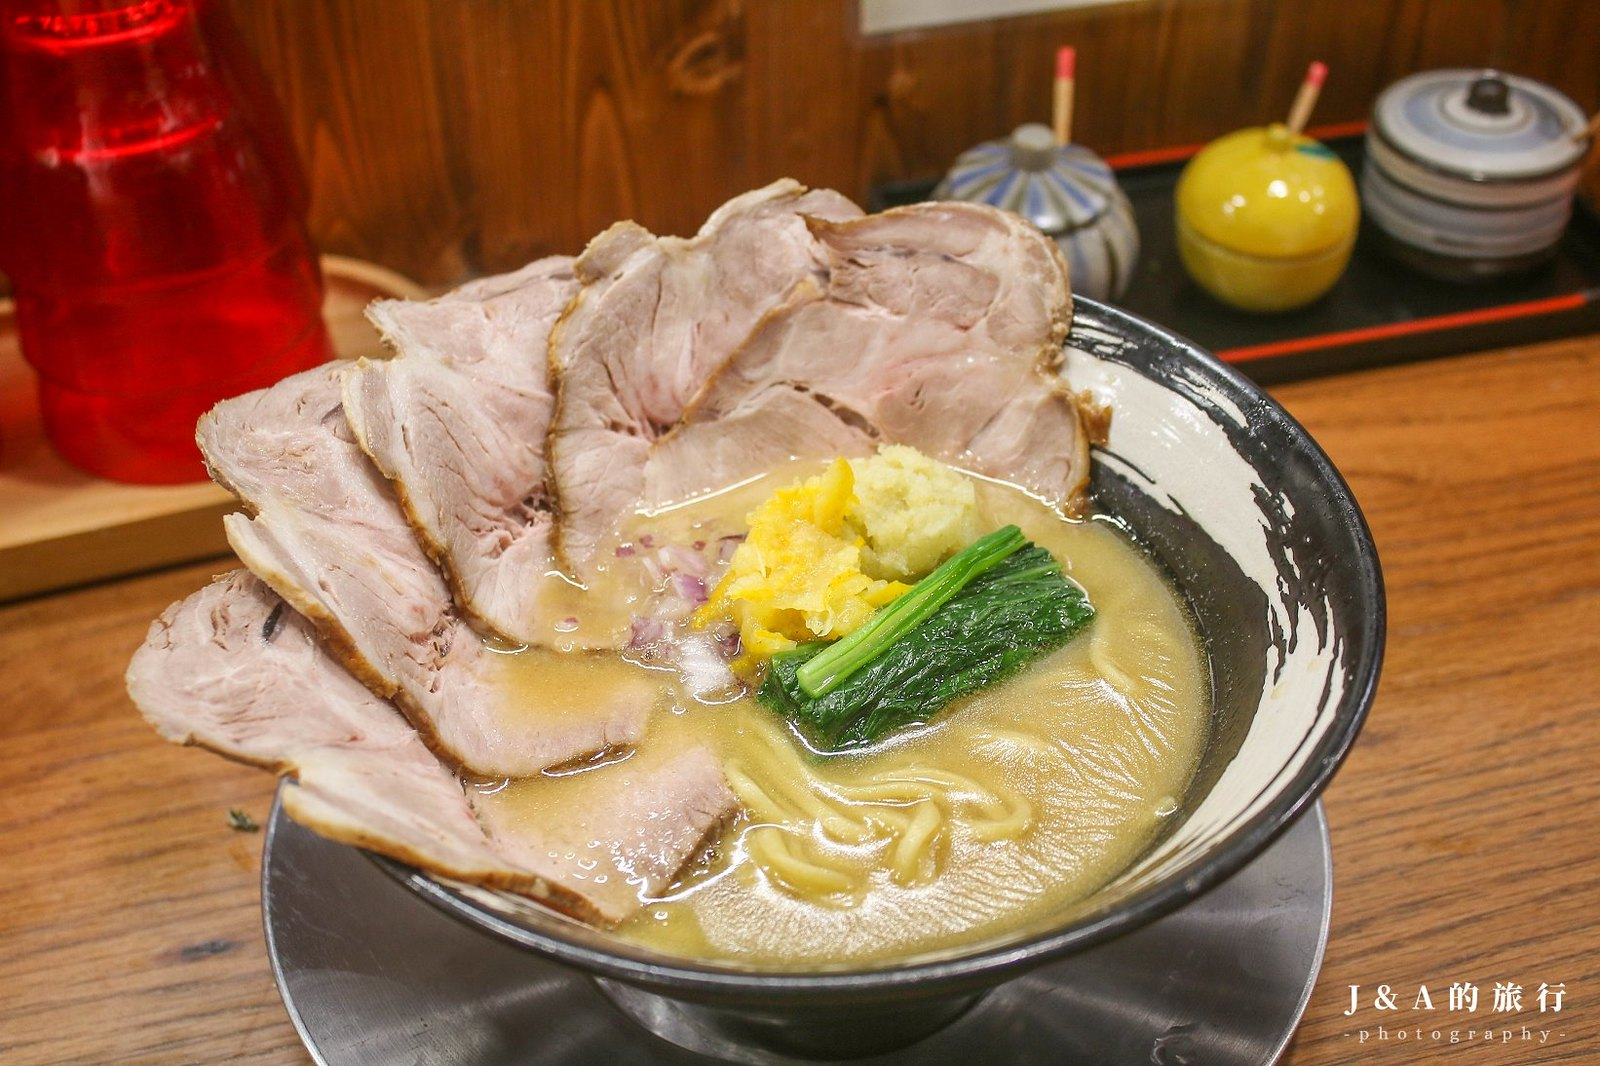 最新推播訊息:一秒到日本!來自京都的京都柚子豚骨拉麵,濃厚湯頭帶有柚子胡椒清香與辛香